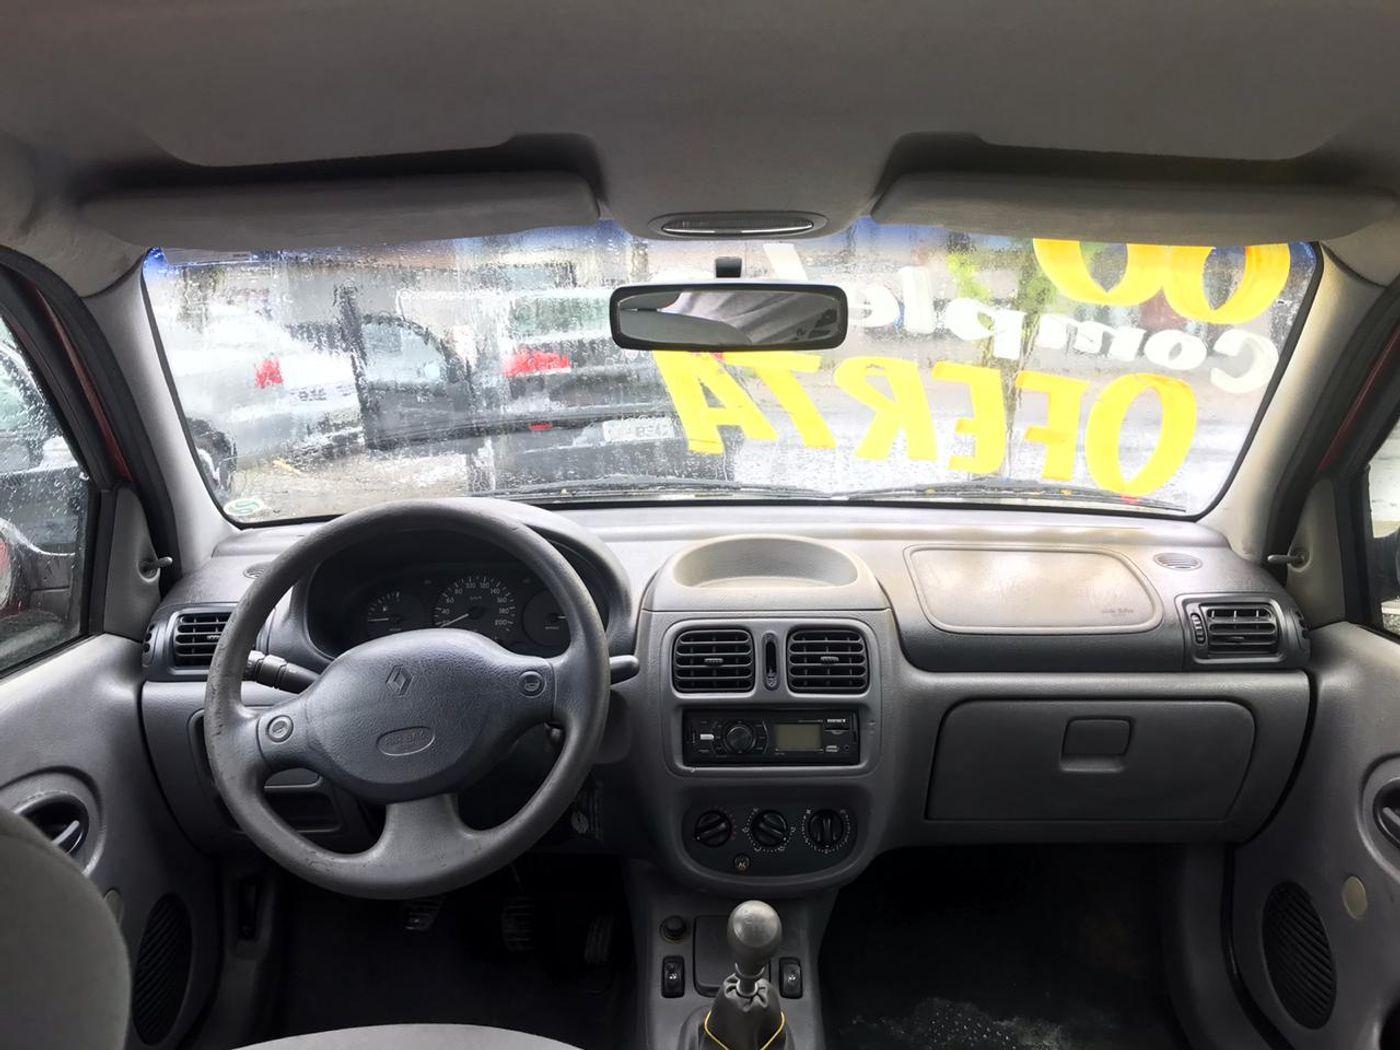 Renault Clio Hi-Flex/ Expres. Hi-Flex 1.6 16V 5p